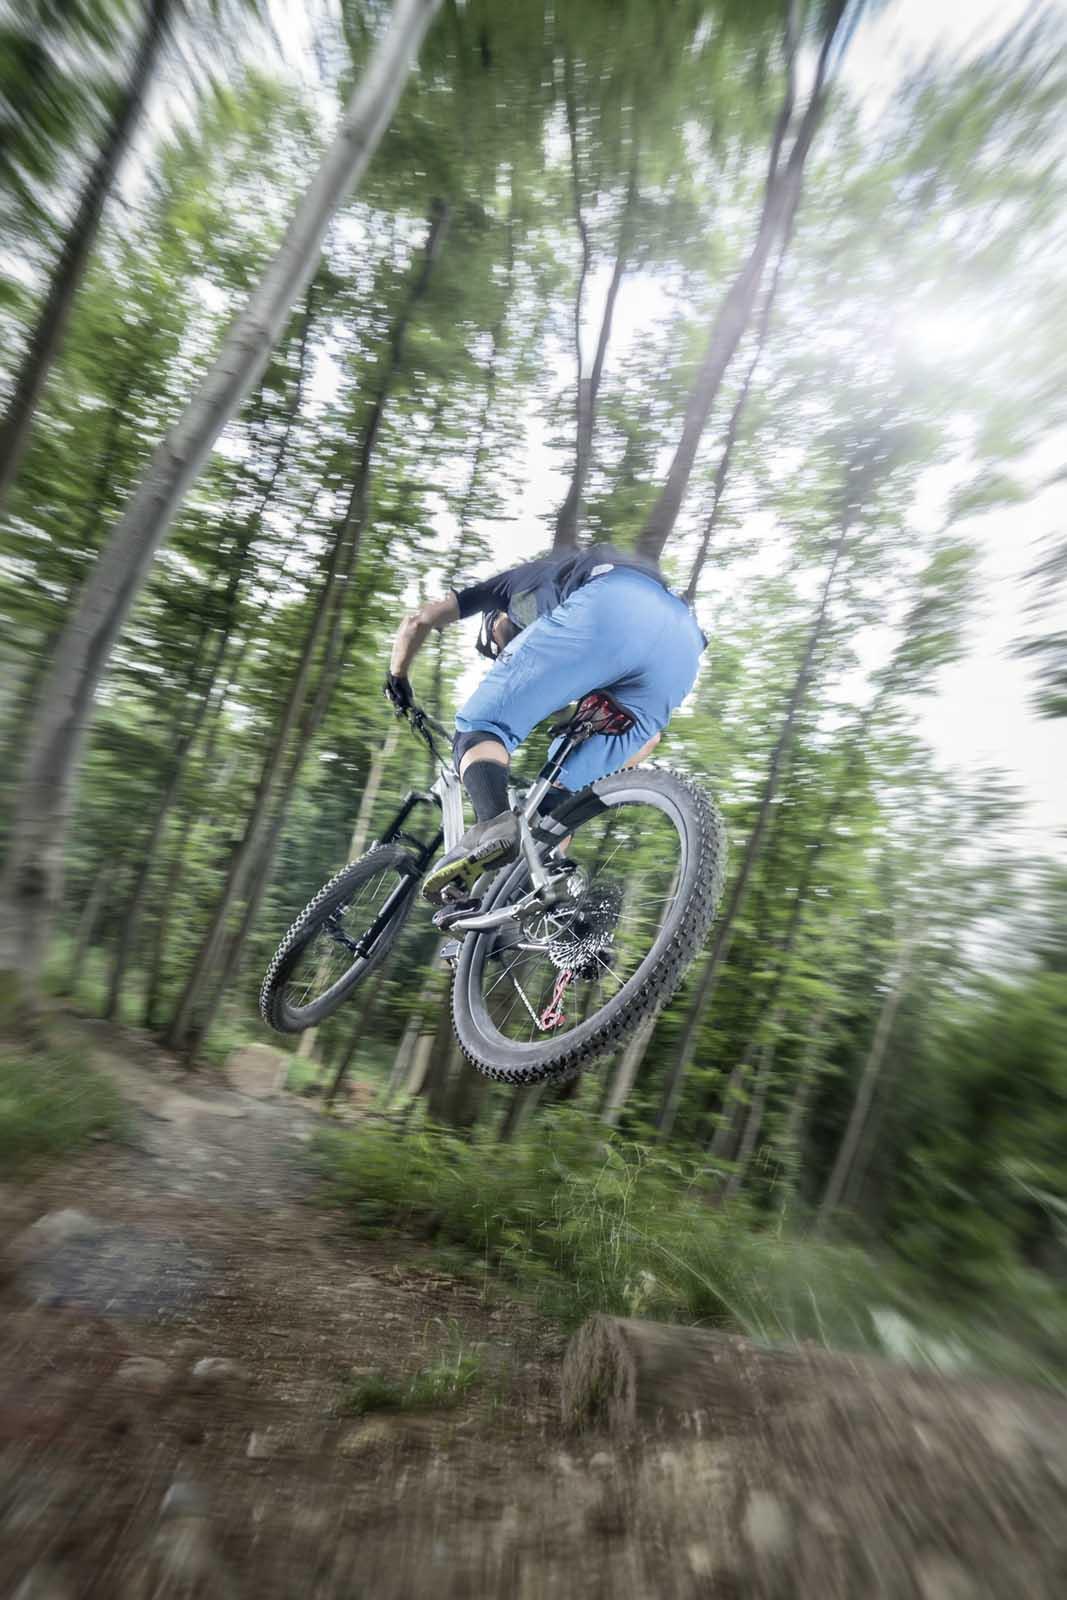 Sportfotografie-München-Mountainbike-MTB-Mann-springen-im-Wald-von-hinten